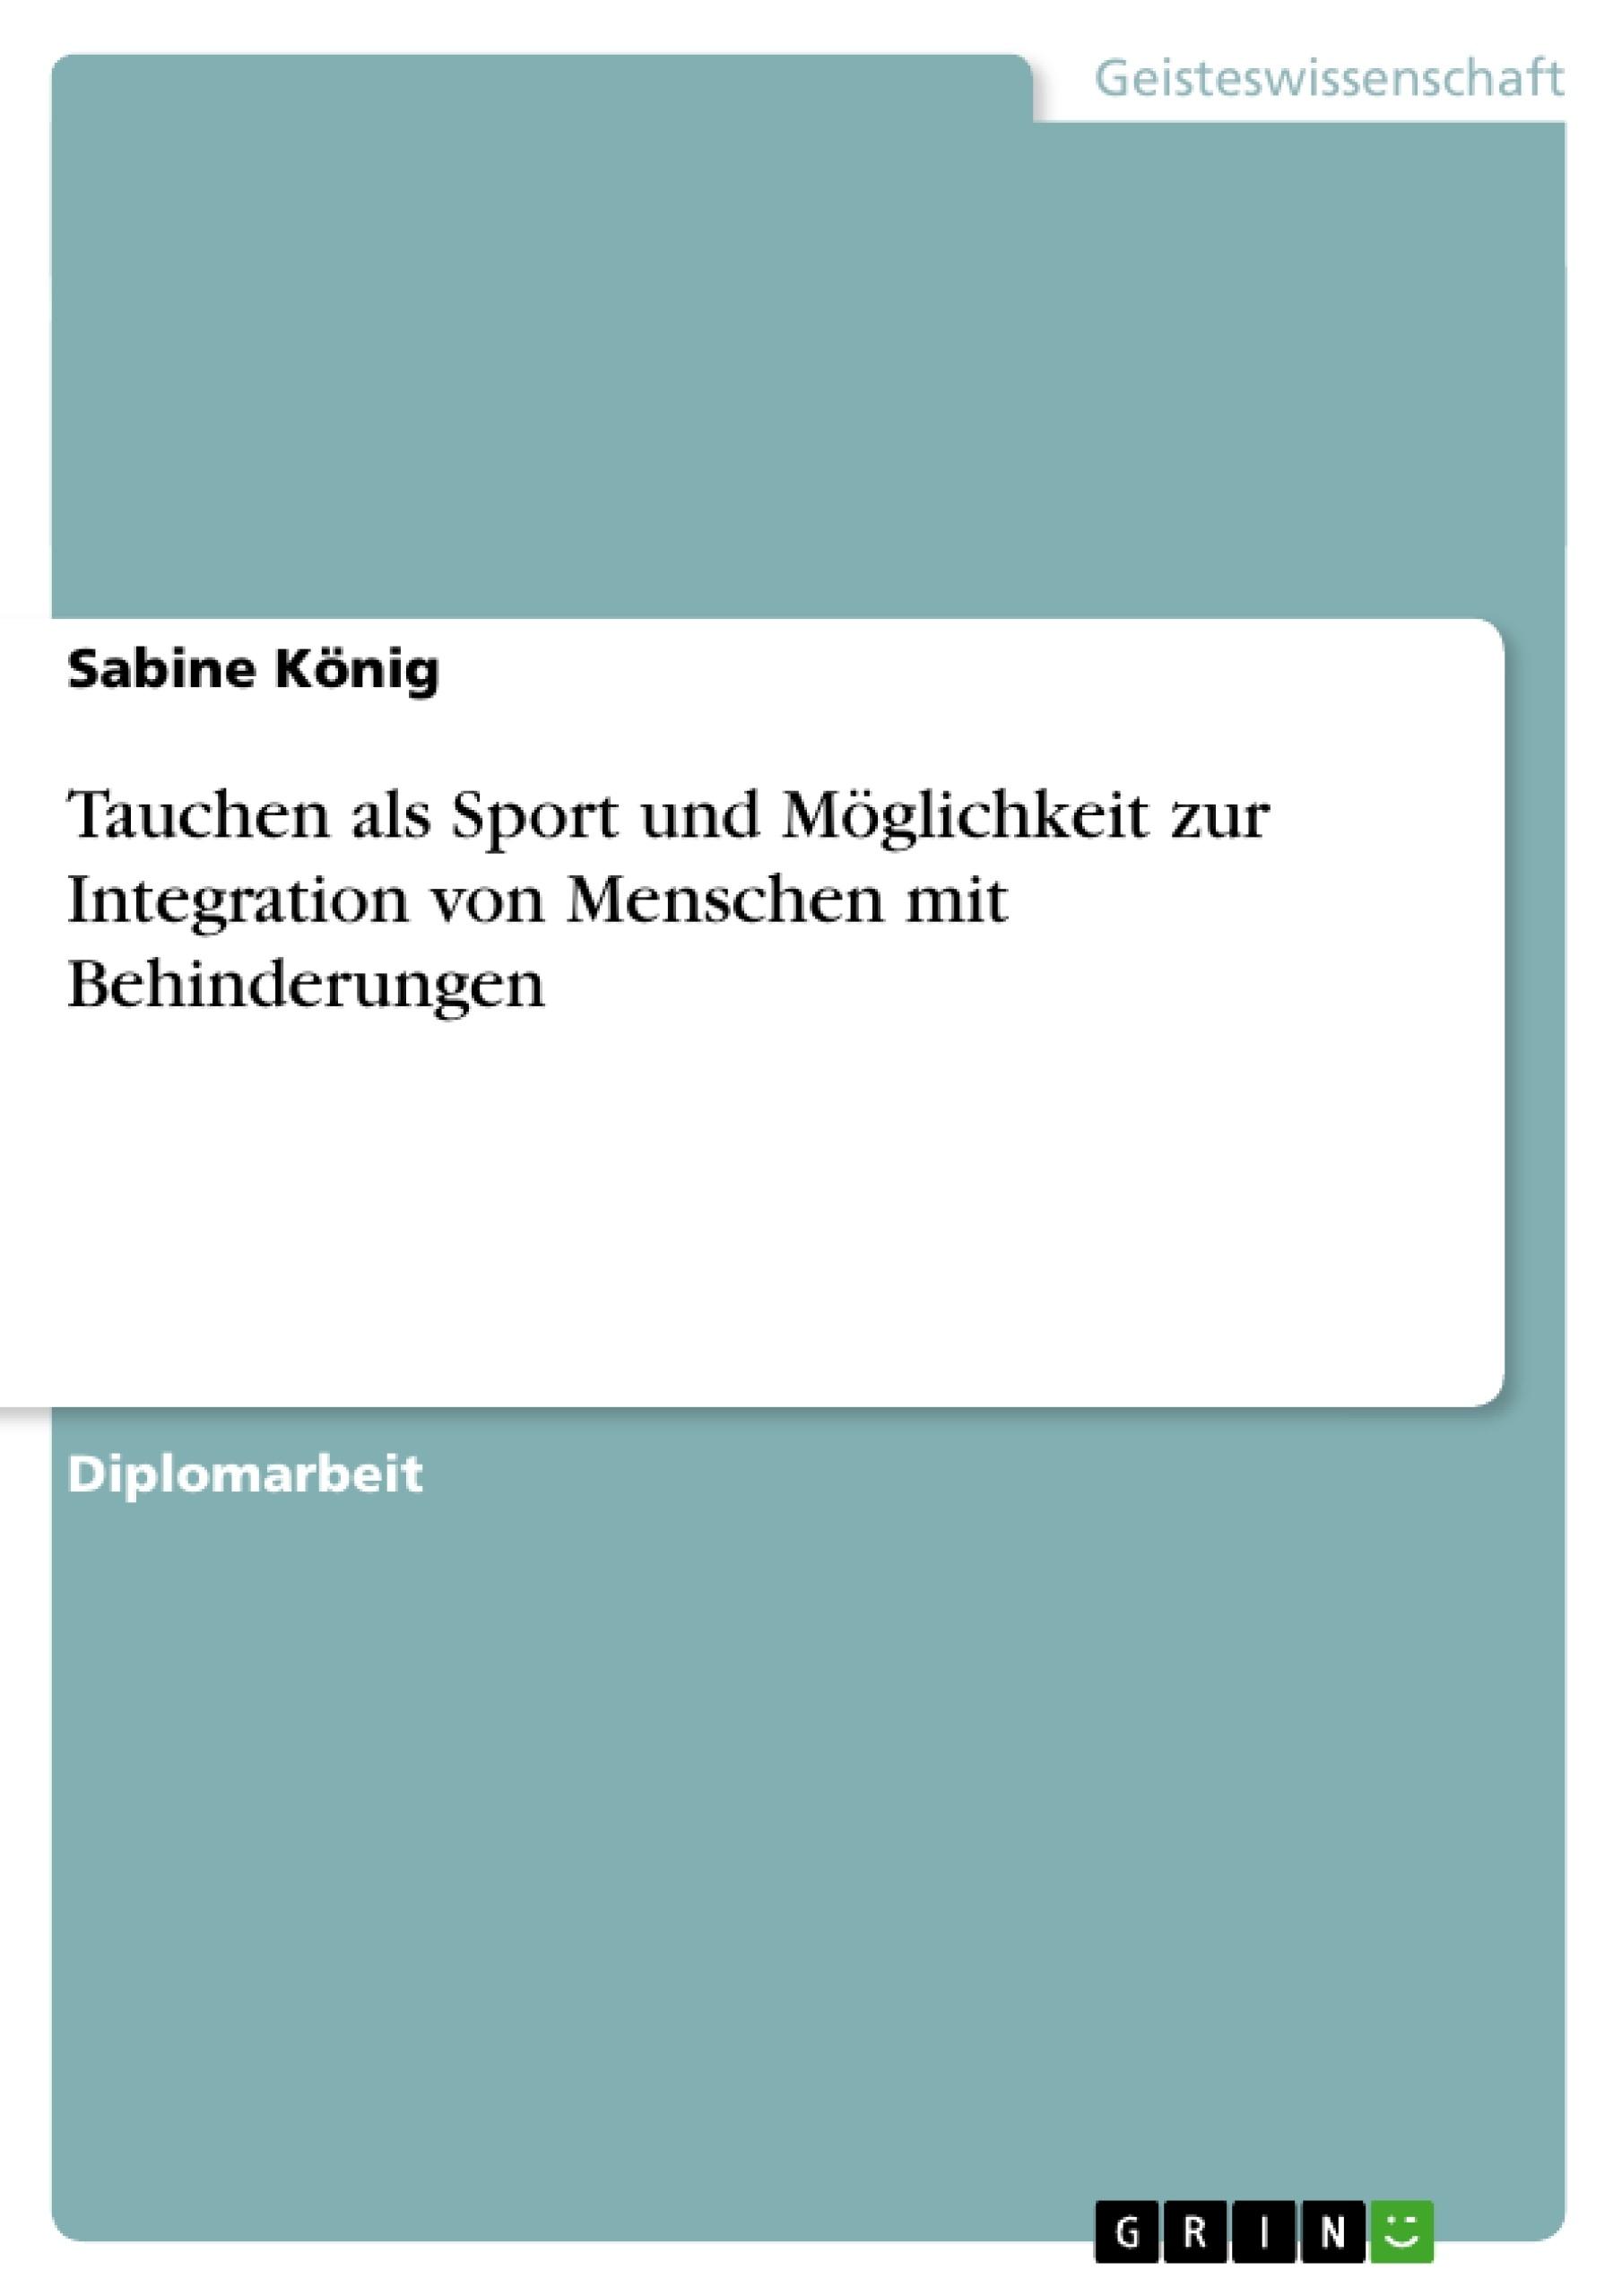 Titel: Tauchen als Sport und Möglichkeit zur Integration von Menschen mit Behinderungen